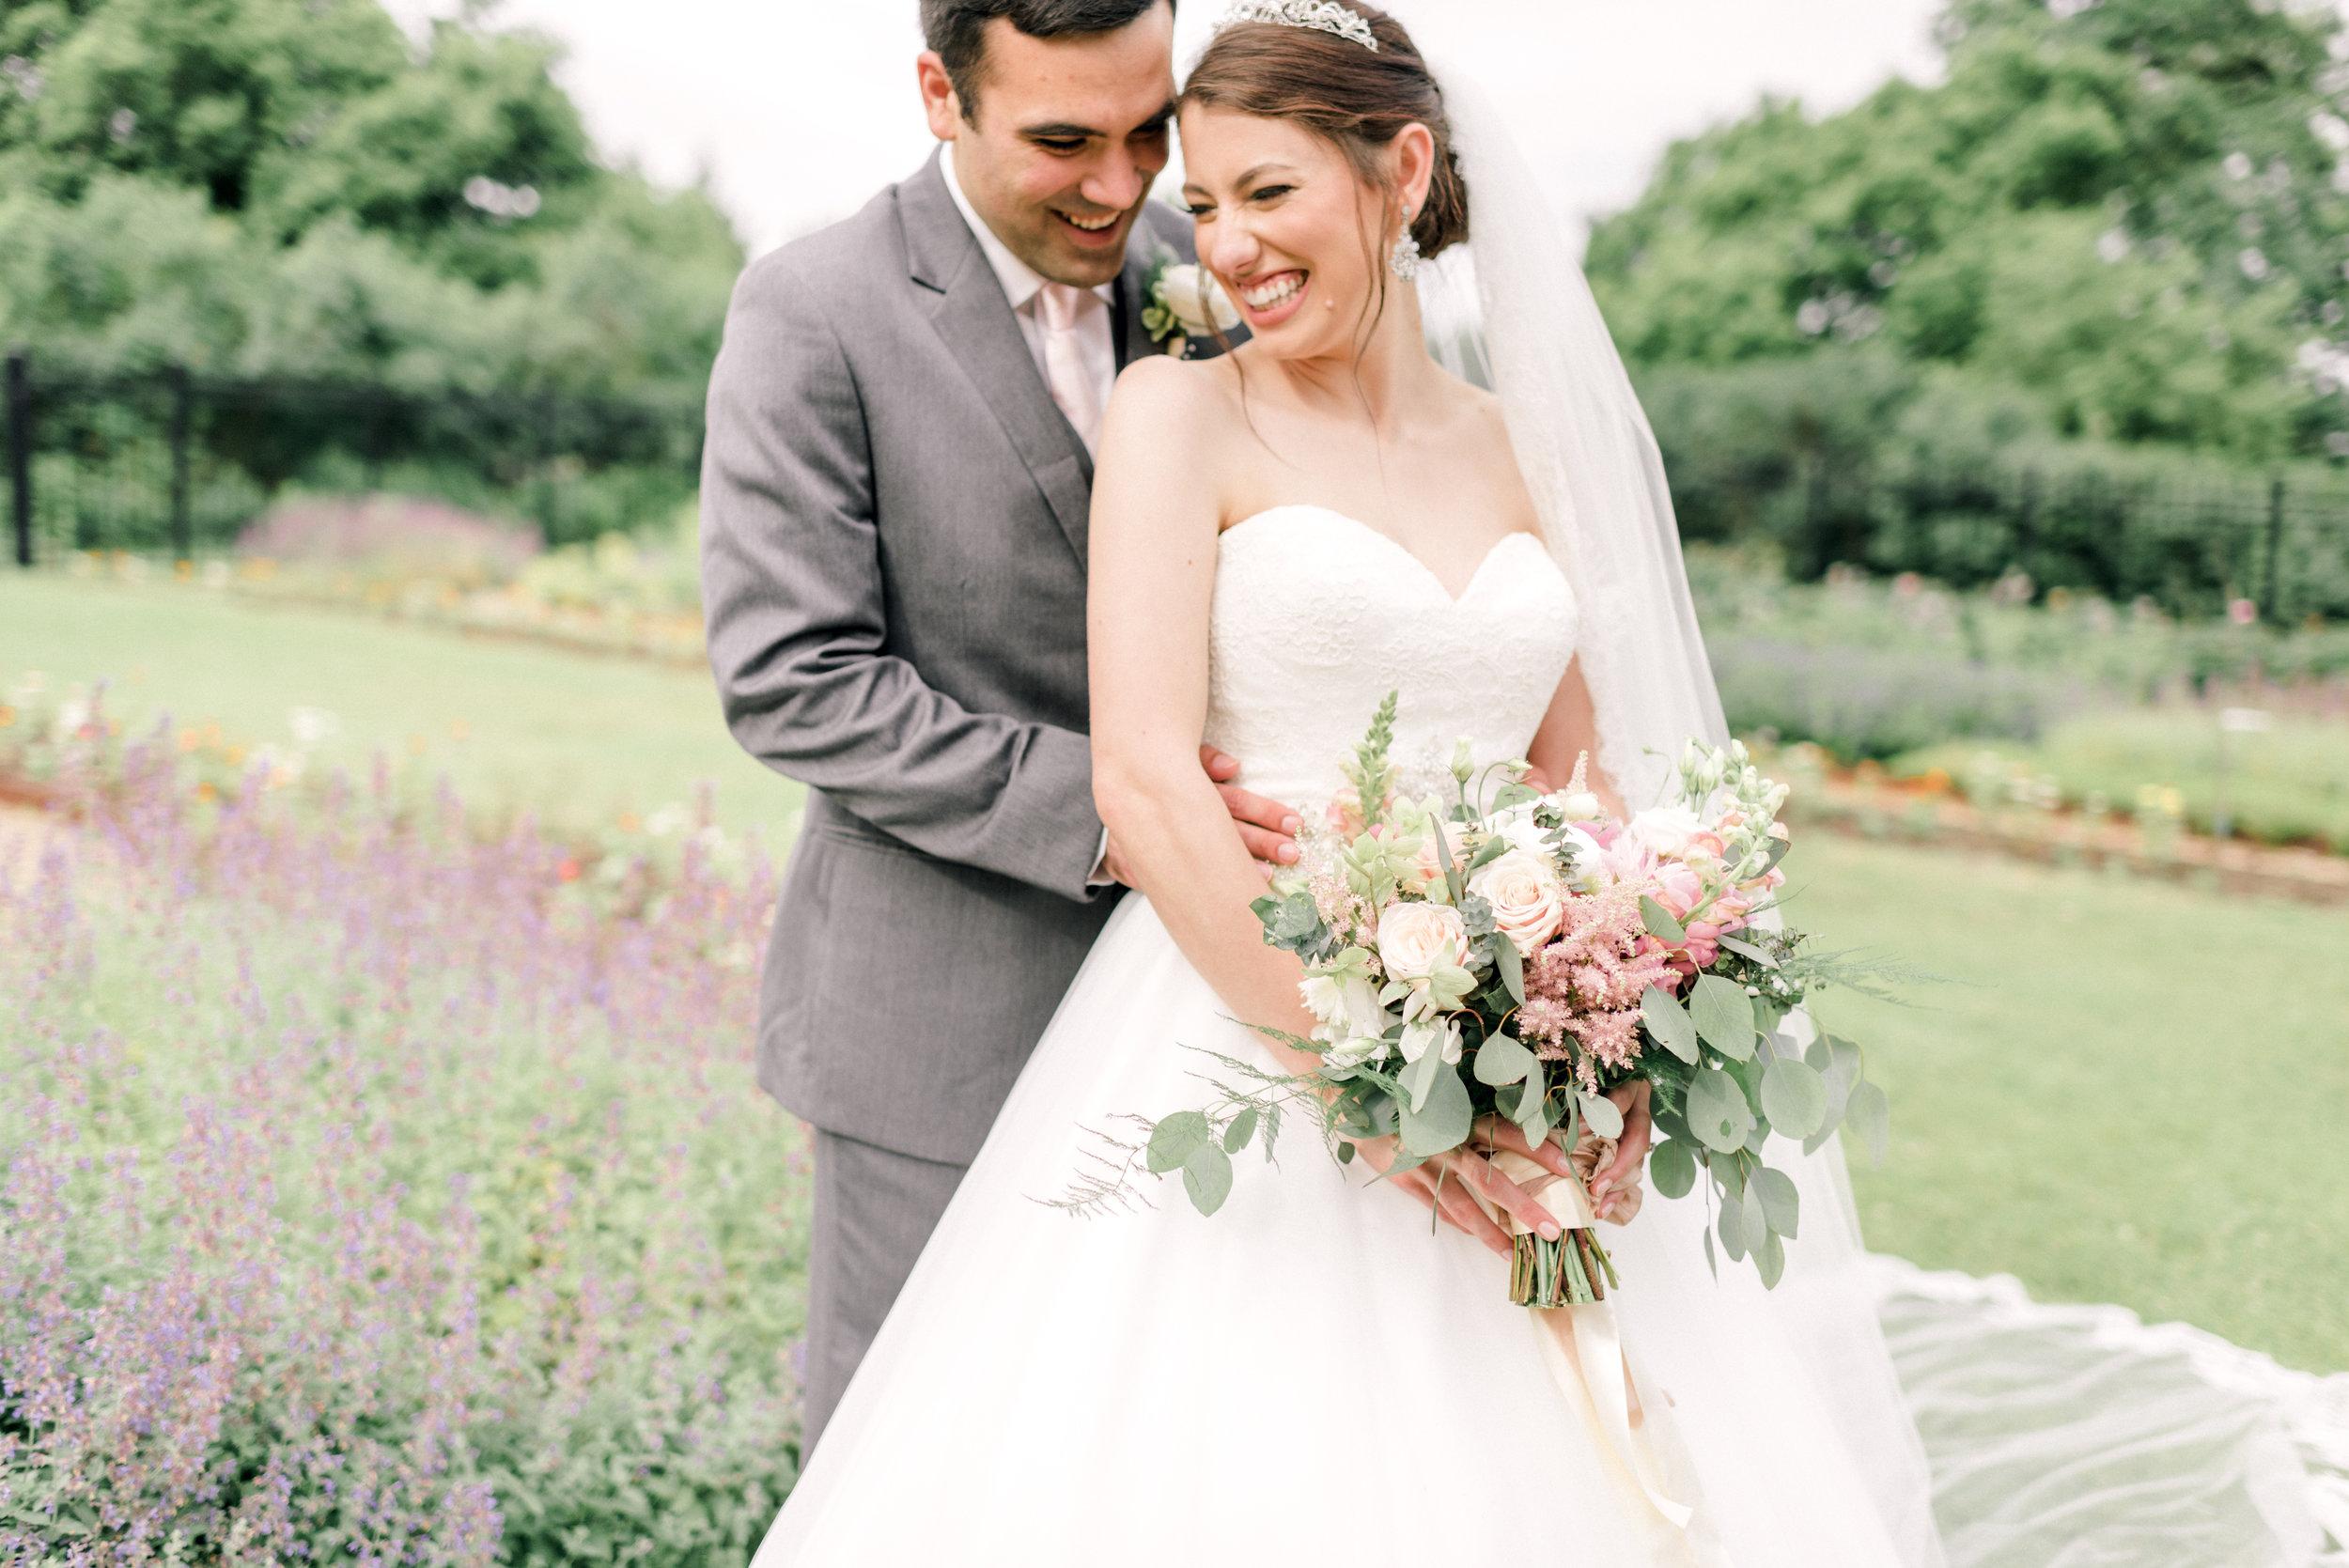 pittsburgh-wedding-photographer-hartwood-acres-0045.jpg